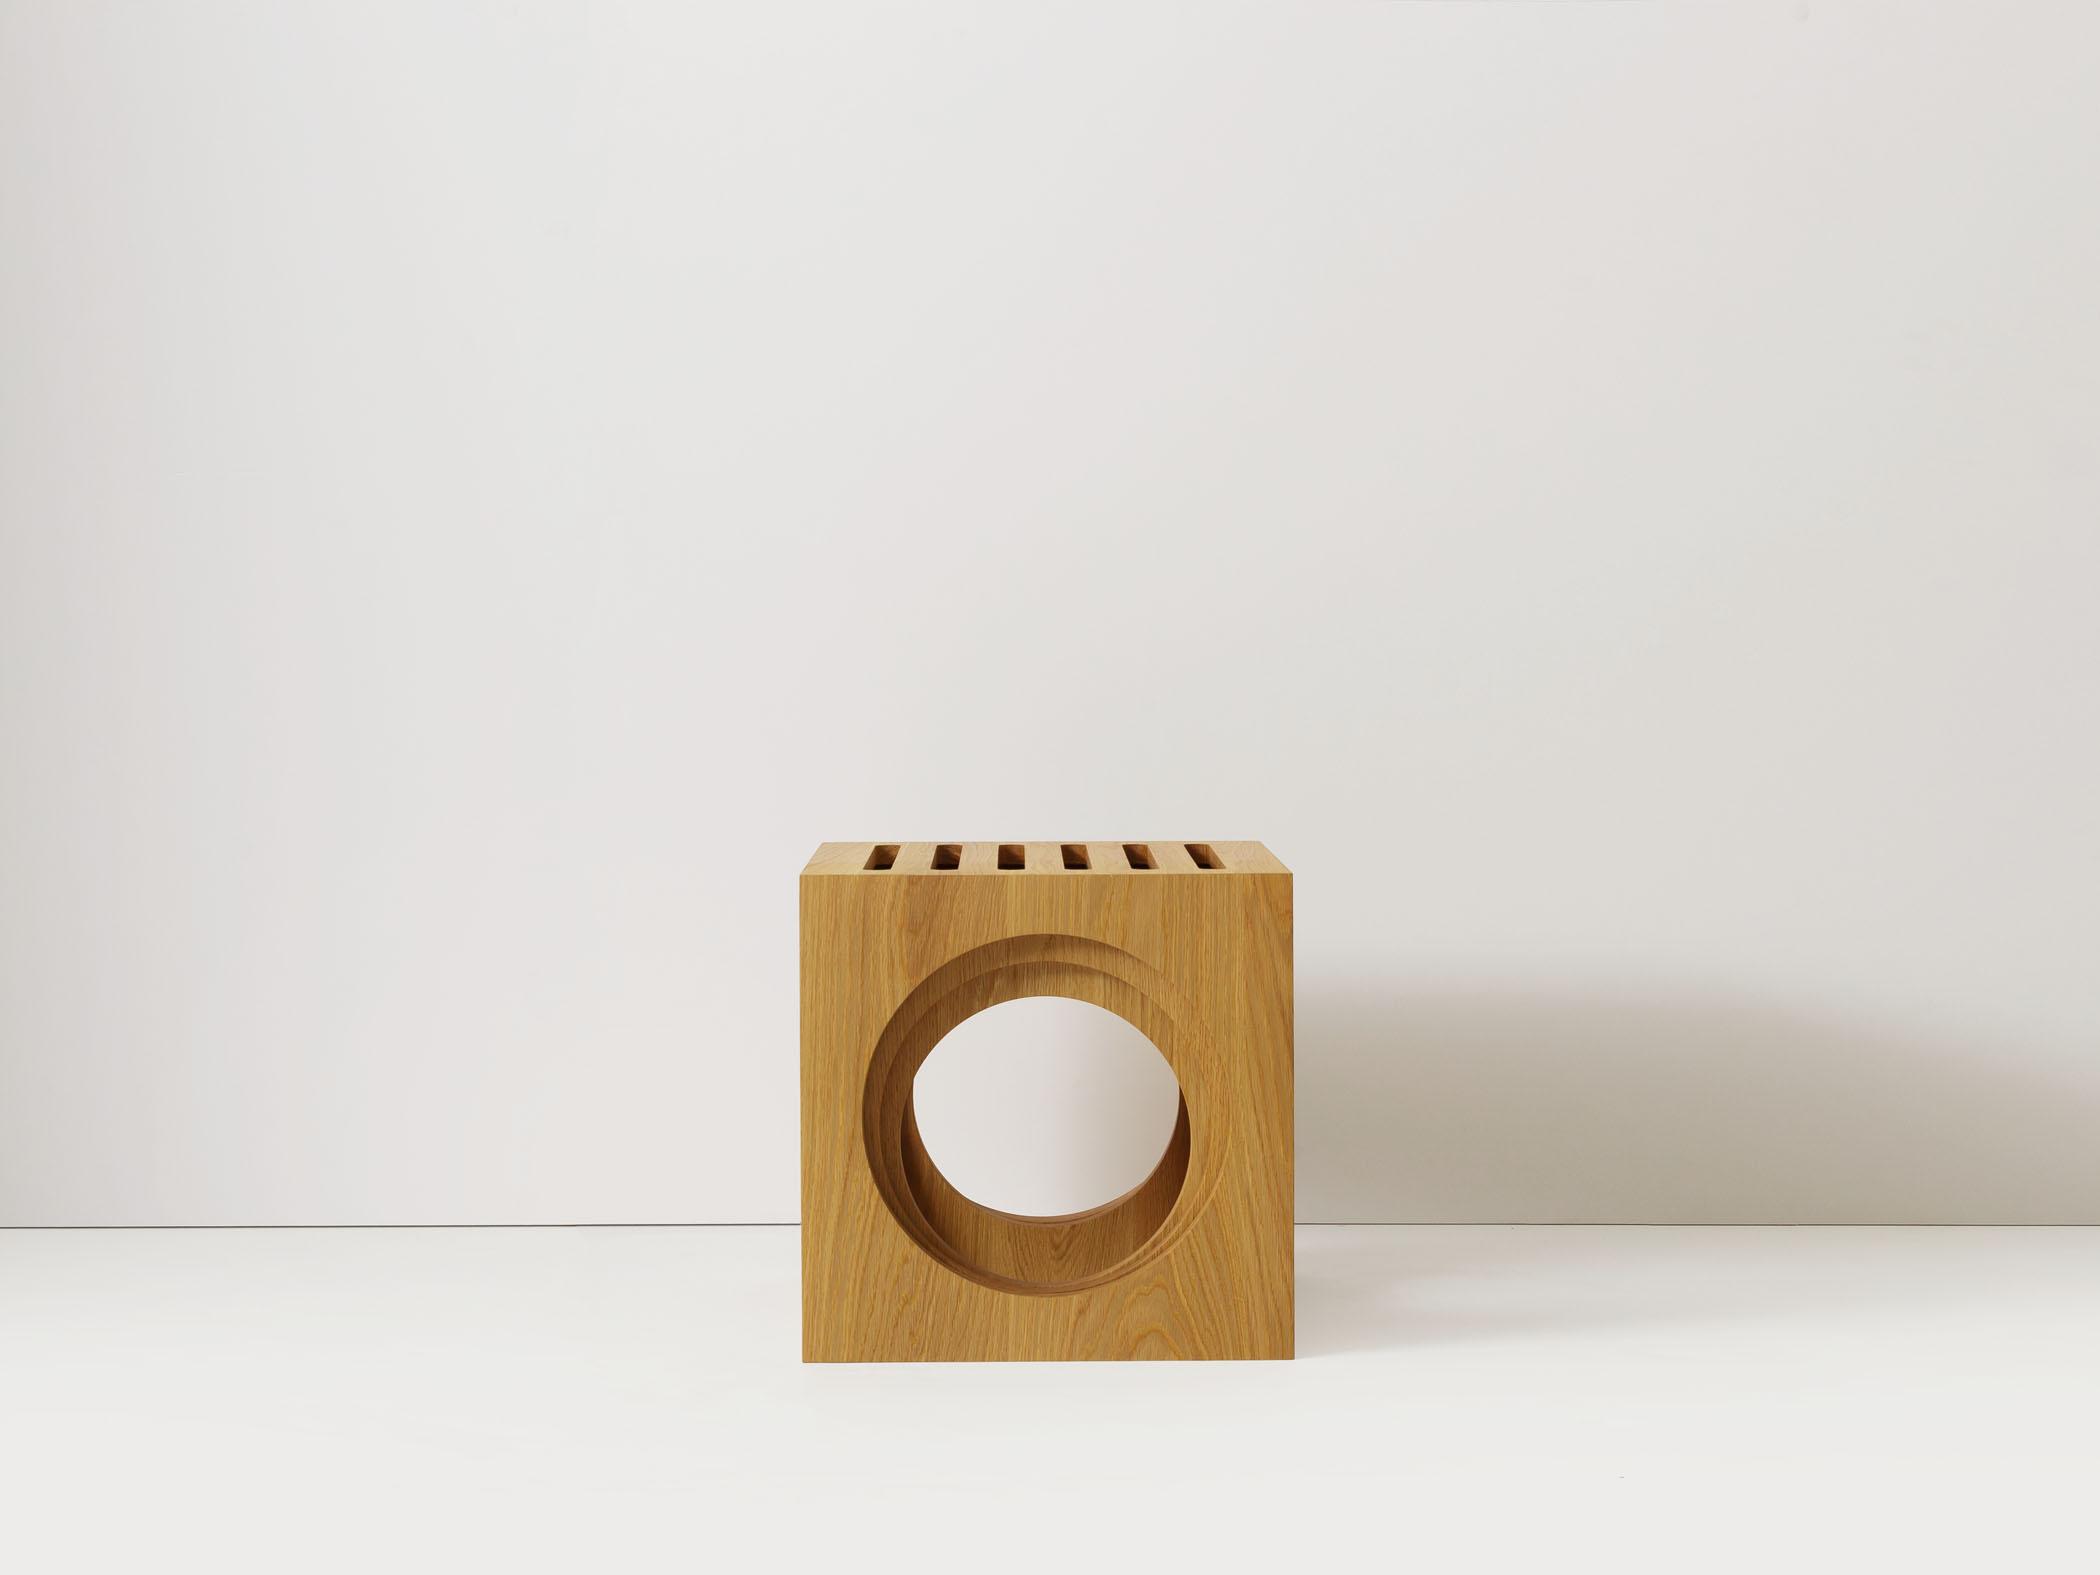 3 Blocks nesting tables/stools in white oak